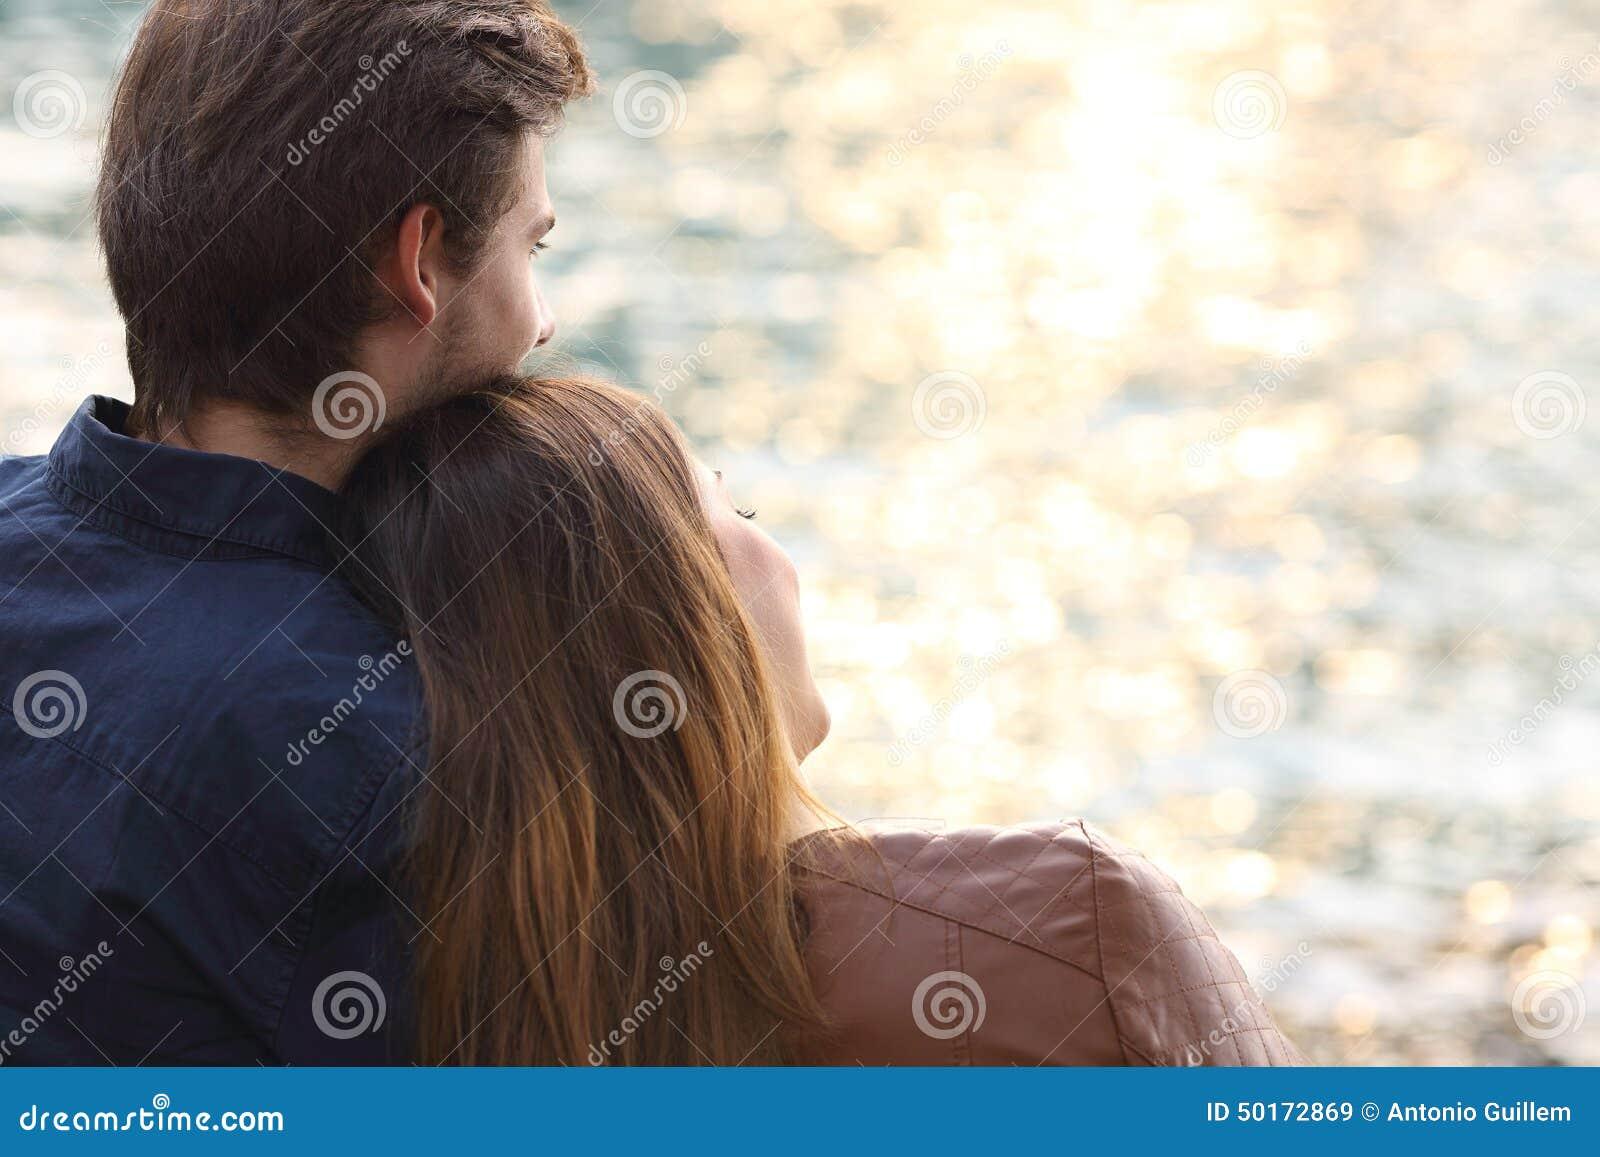 Junte la puesta del sol de abrazo y de observación en la playa